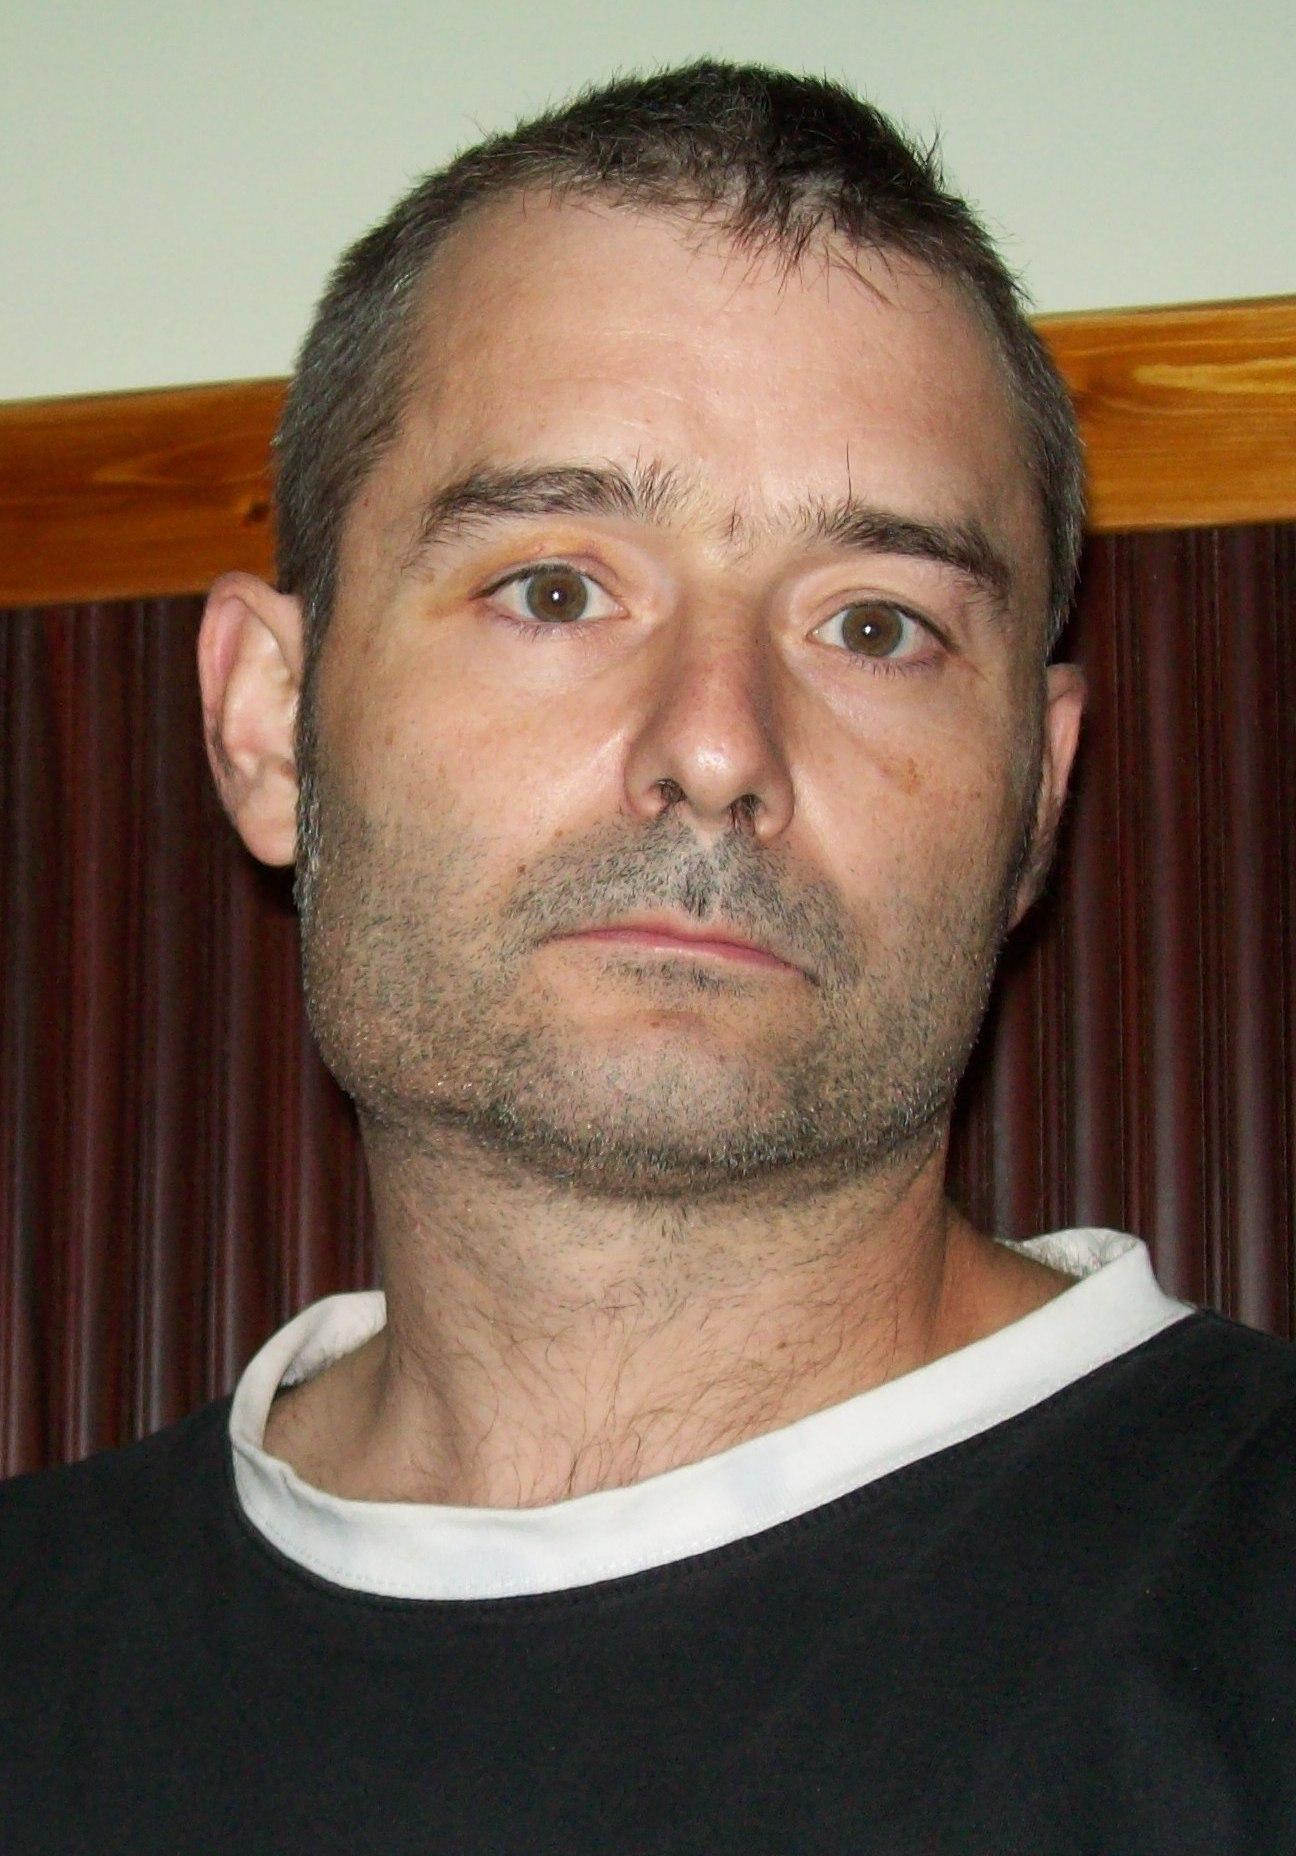 Xosé Manuel González Vilas, Ingeniero Agrónomo, es miembro de la Asociación Gallega de Viticultura - xose_manuel_gonzalez_vilas